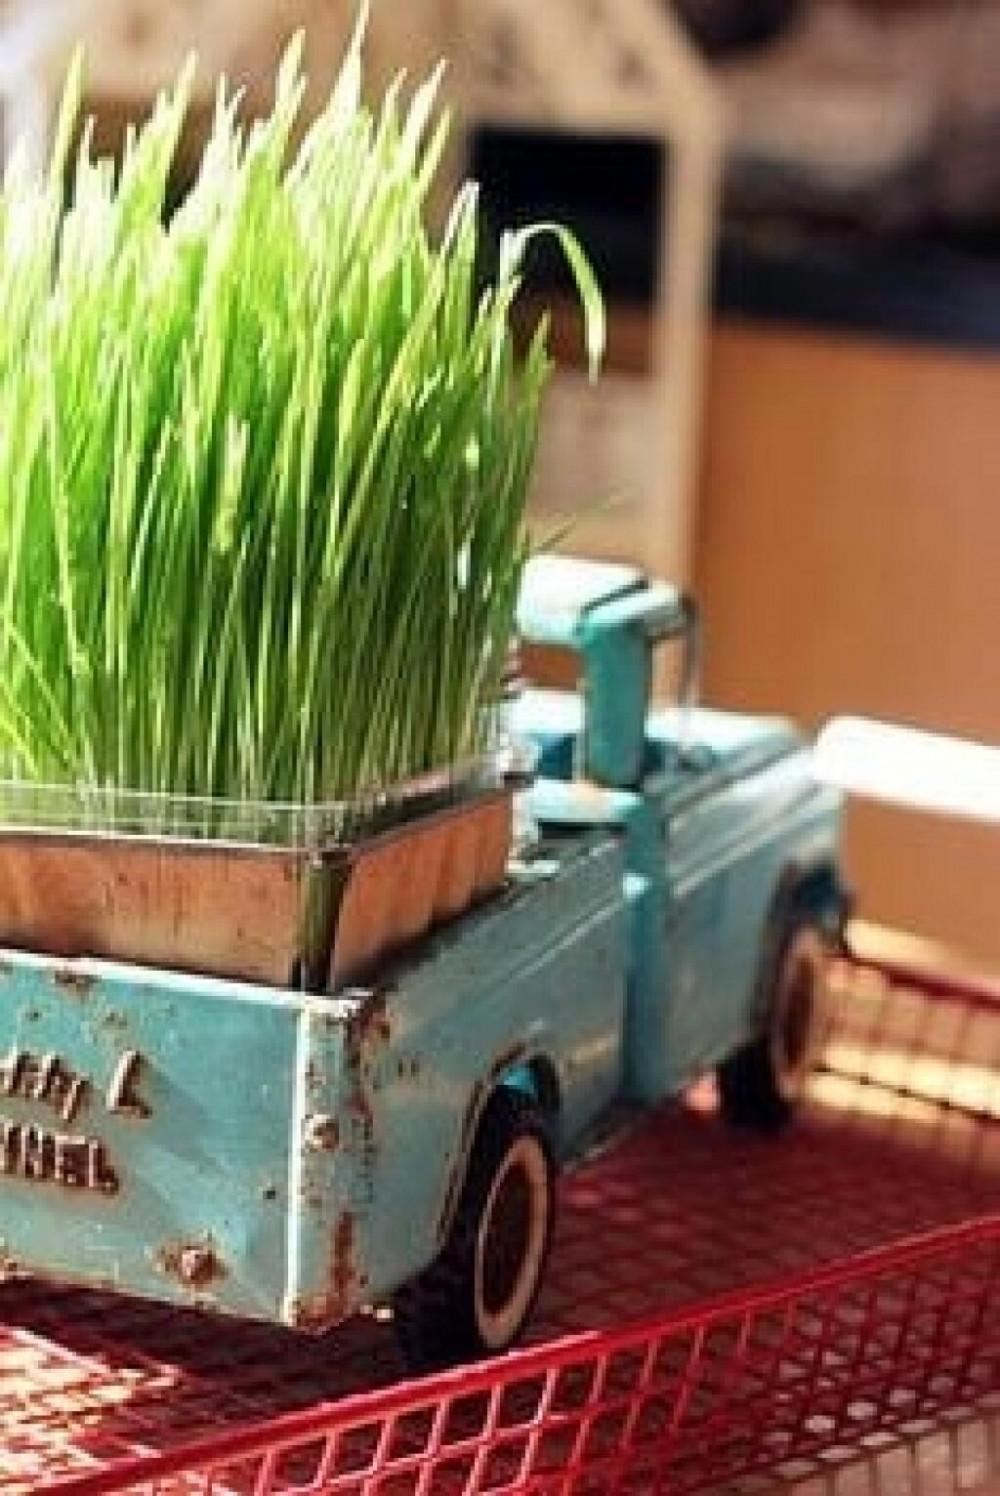 Hình 2. Xe tải cũ màu xanh chở đầy một cánh đồng cỏ lúa mì là ý tưởng trang trí mộc mạc, đáng yêu cho sức sống của mùa xuân ngay trên kệ sách hay bàn làm việc.